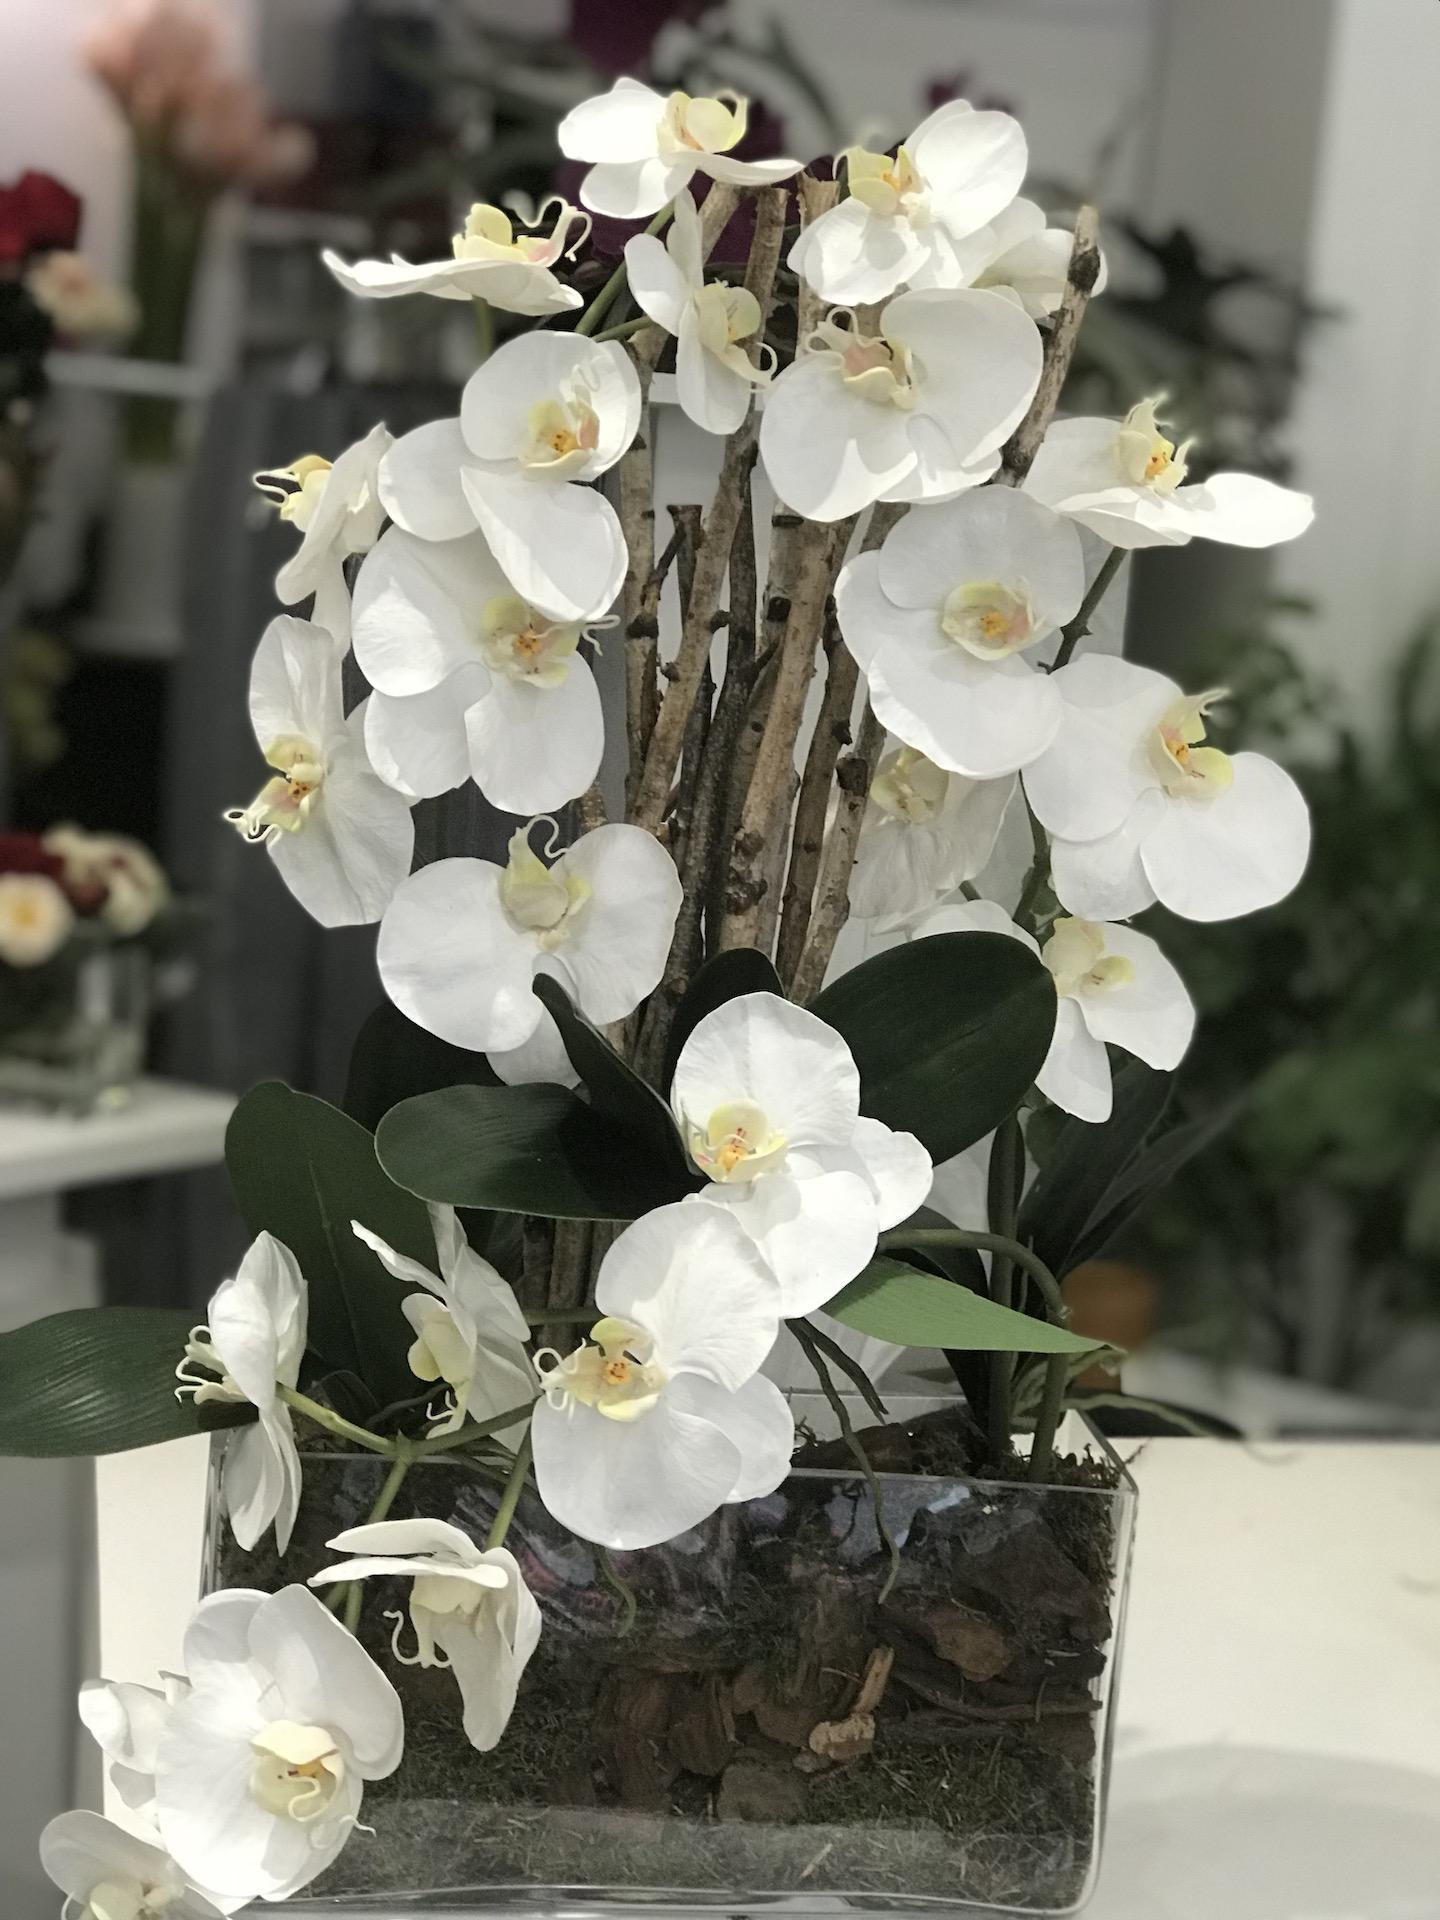 Legnetti_orchidea_Fiori_artificiali_Deco_fleurs